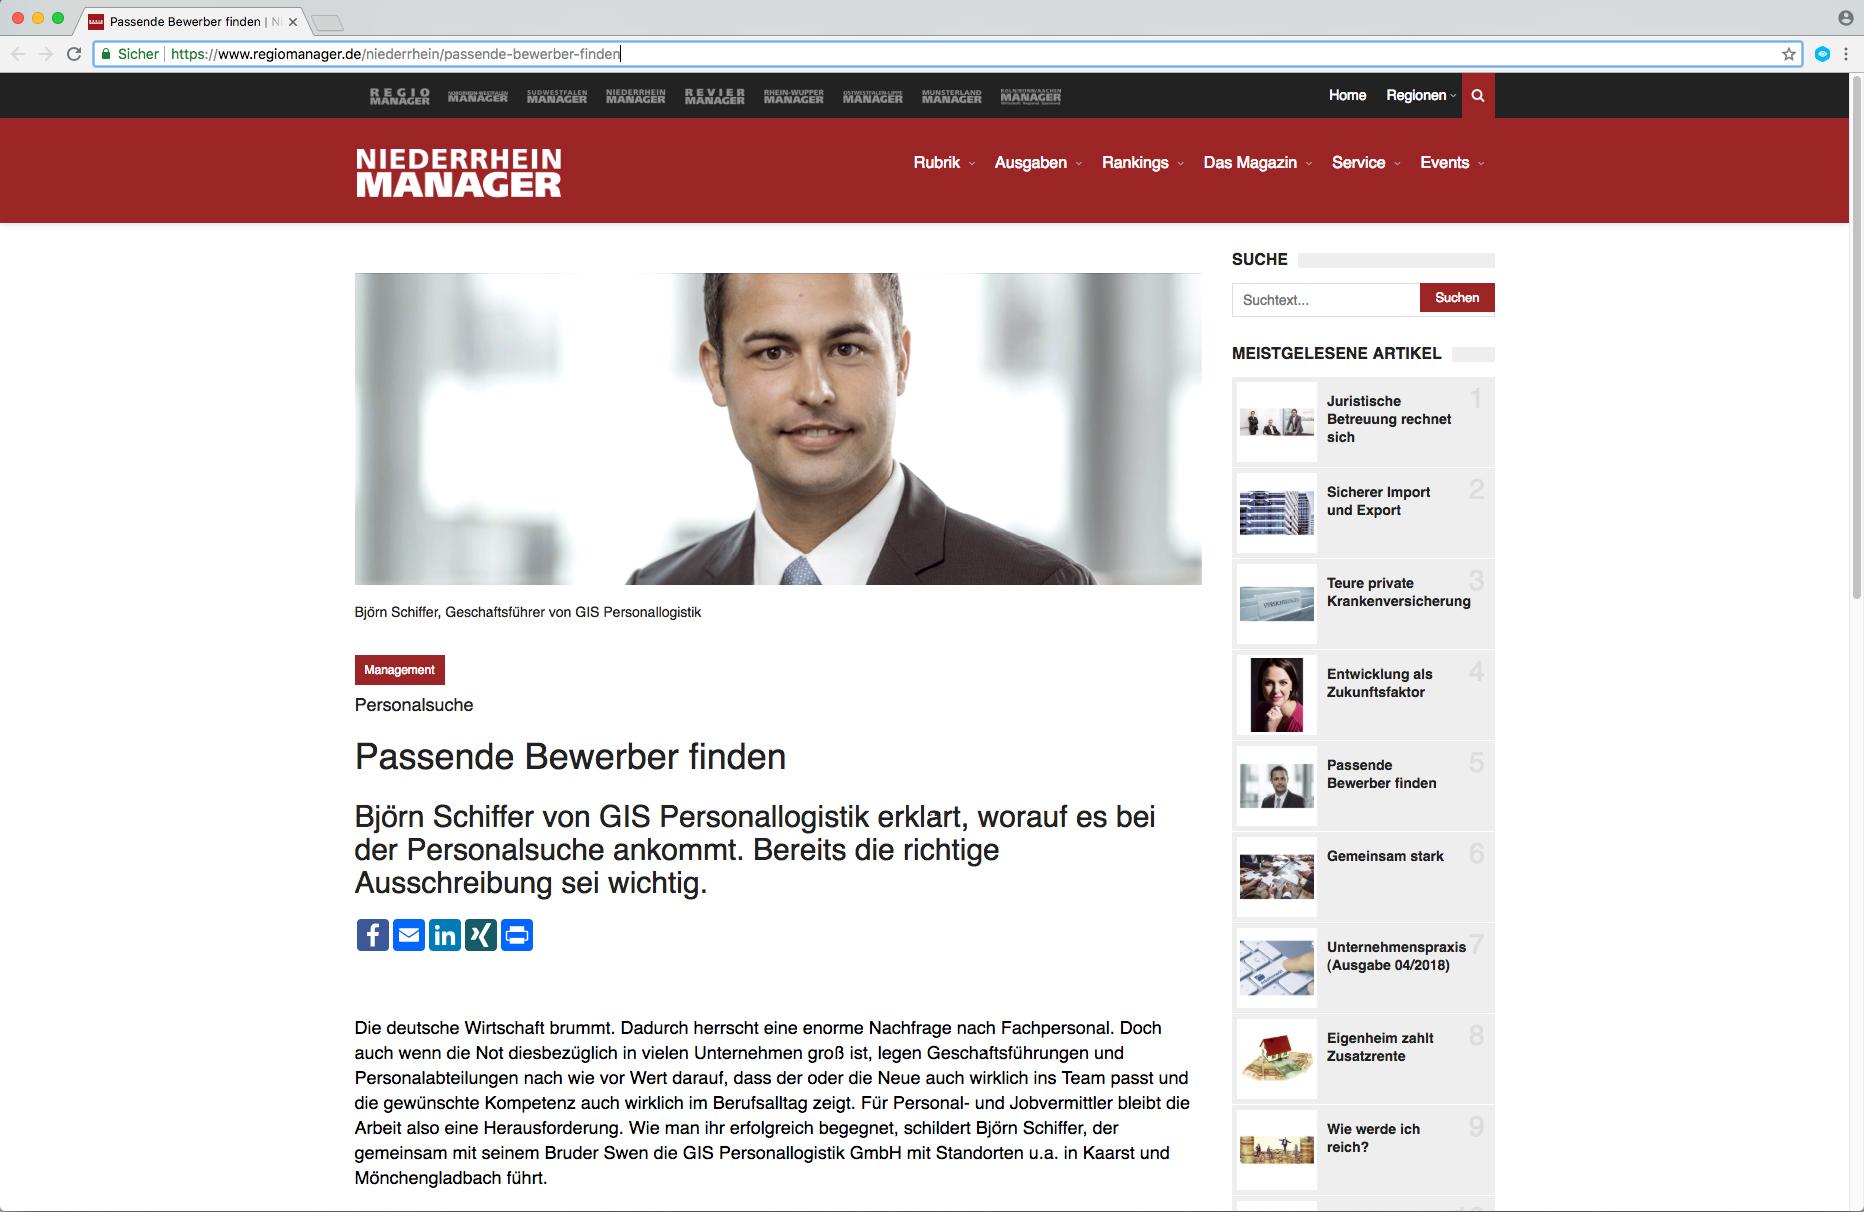 passende bewerber finden interview im niederrhein manager - Bewerber Finden